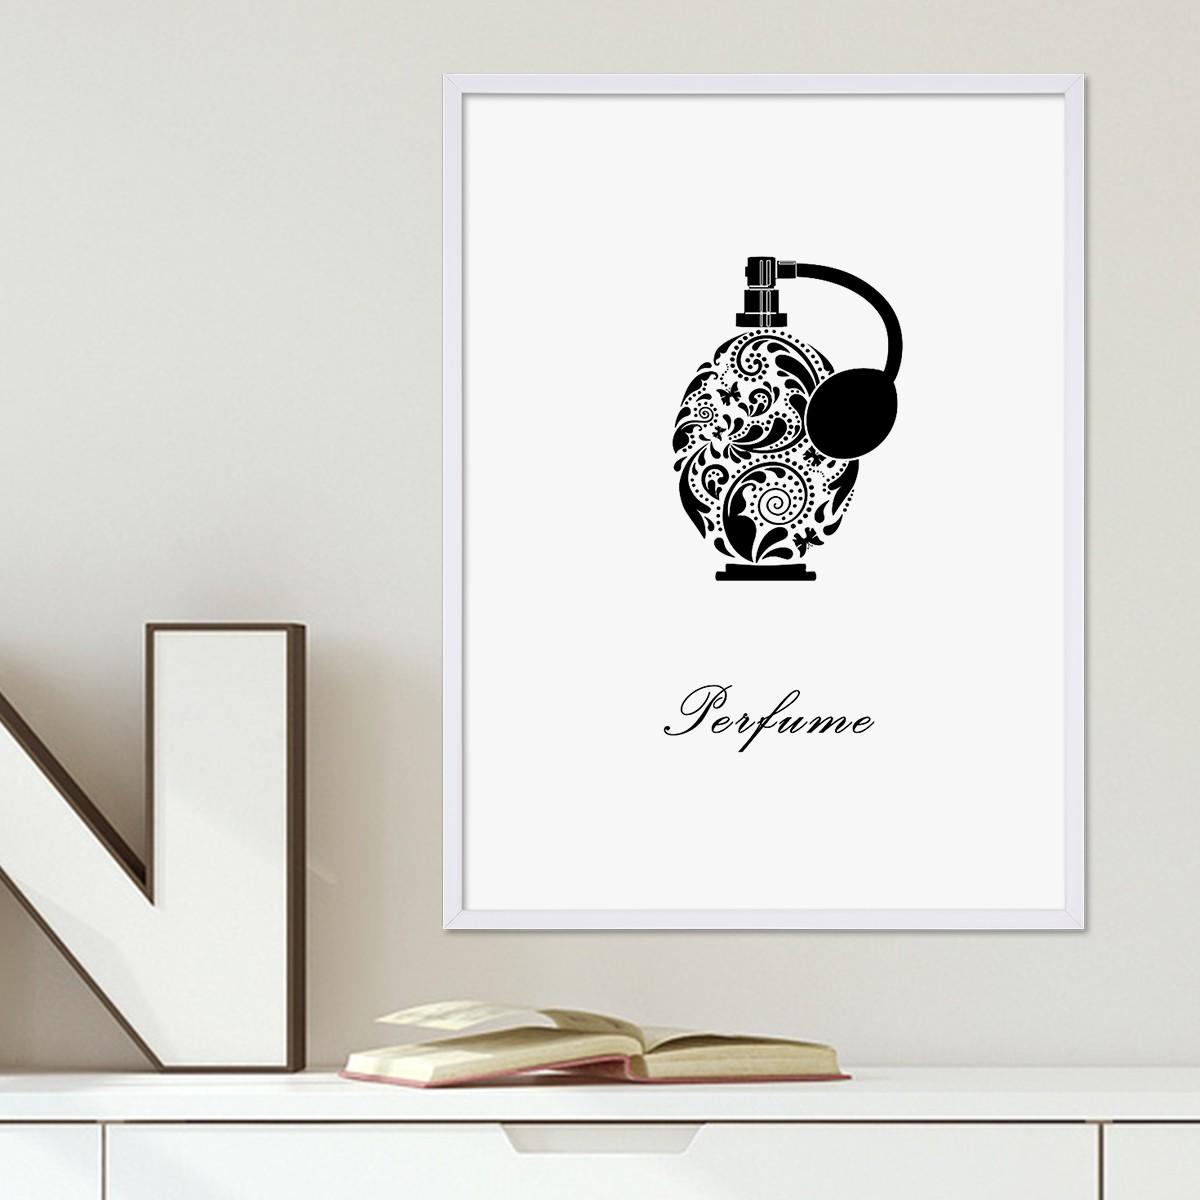 design poster mit bilderrahmen weiss 39 parf m 39 30x40 cm schwarz weiss motiv mode dekoration. Black Bedroom Furniture Sets. Home Design Ideas